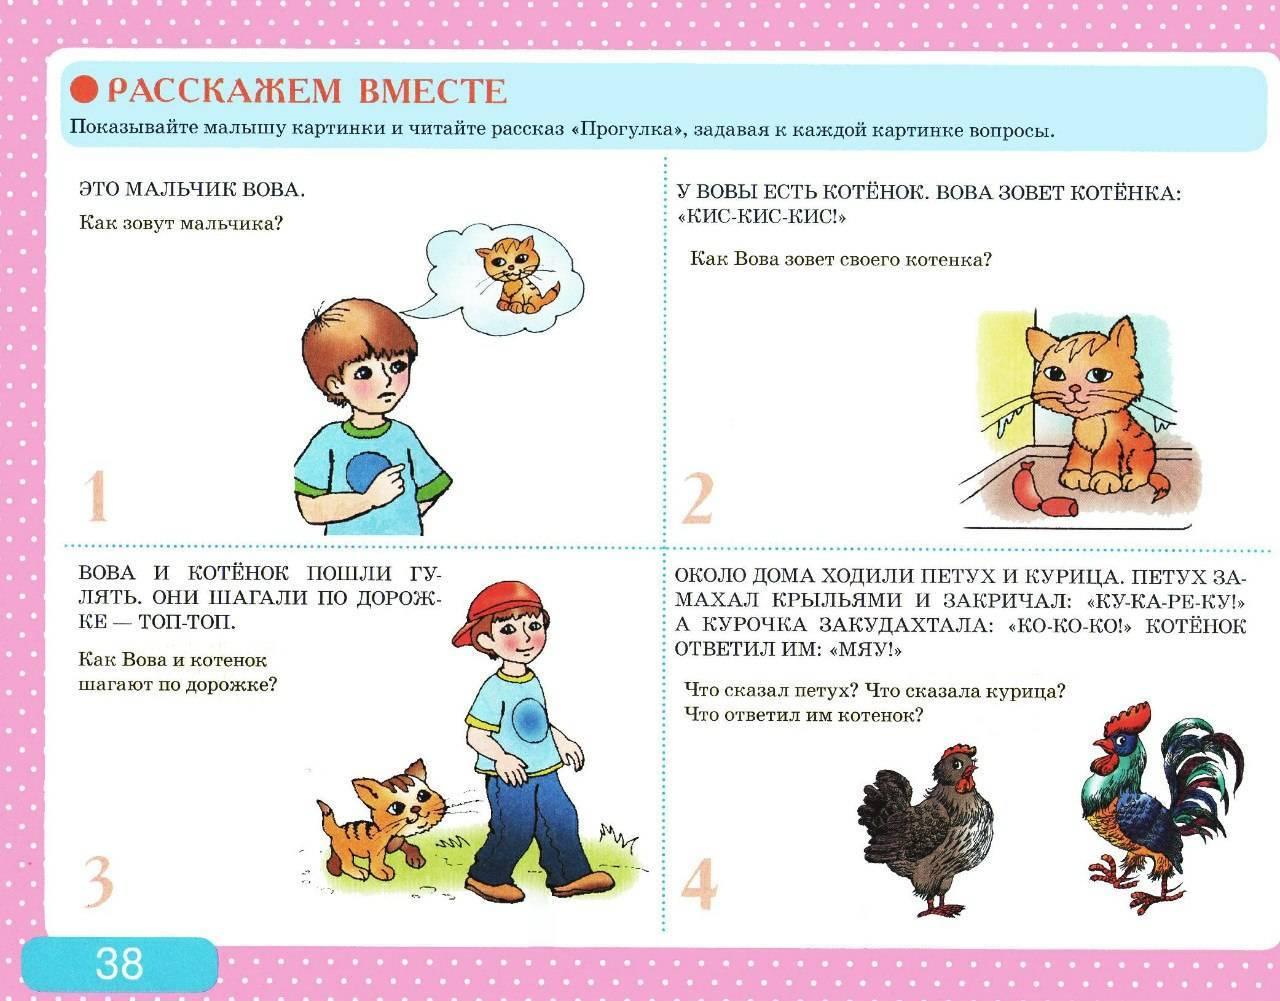 Игры и упражнения для развития речи у детей 1-2 лет